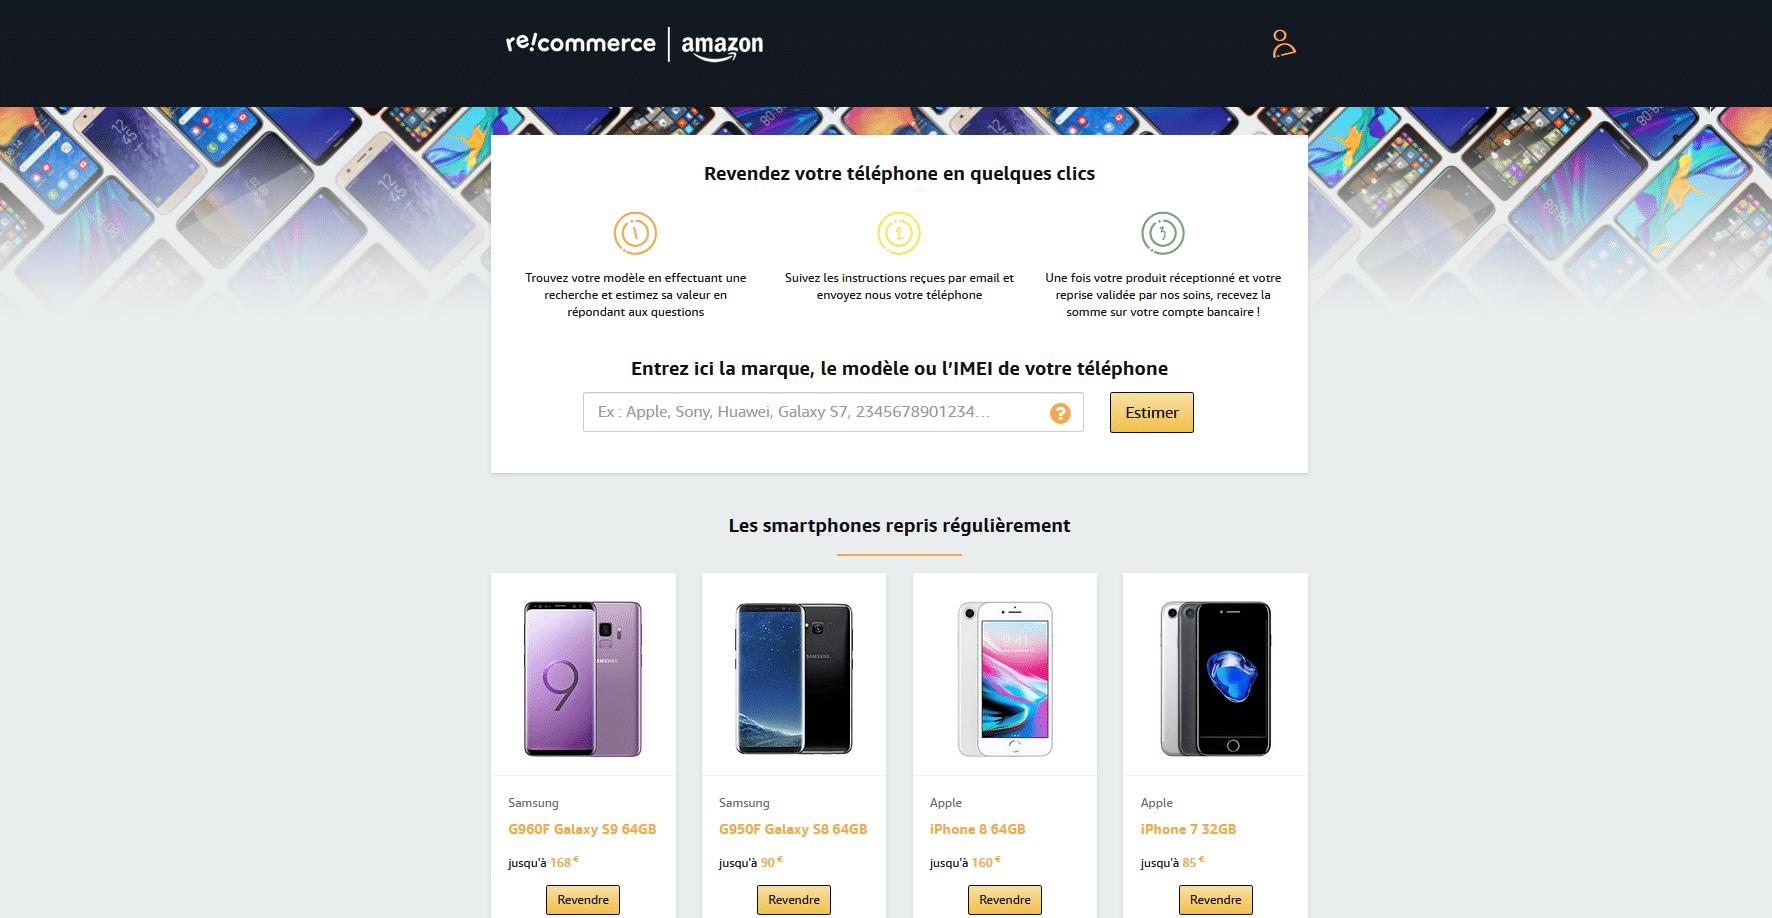 Gagnez de l'argent sur Amzon en vendant vos anciers smartphones sur Recommerce